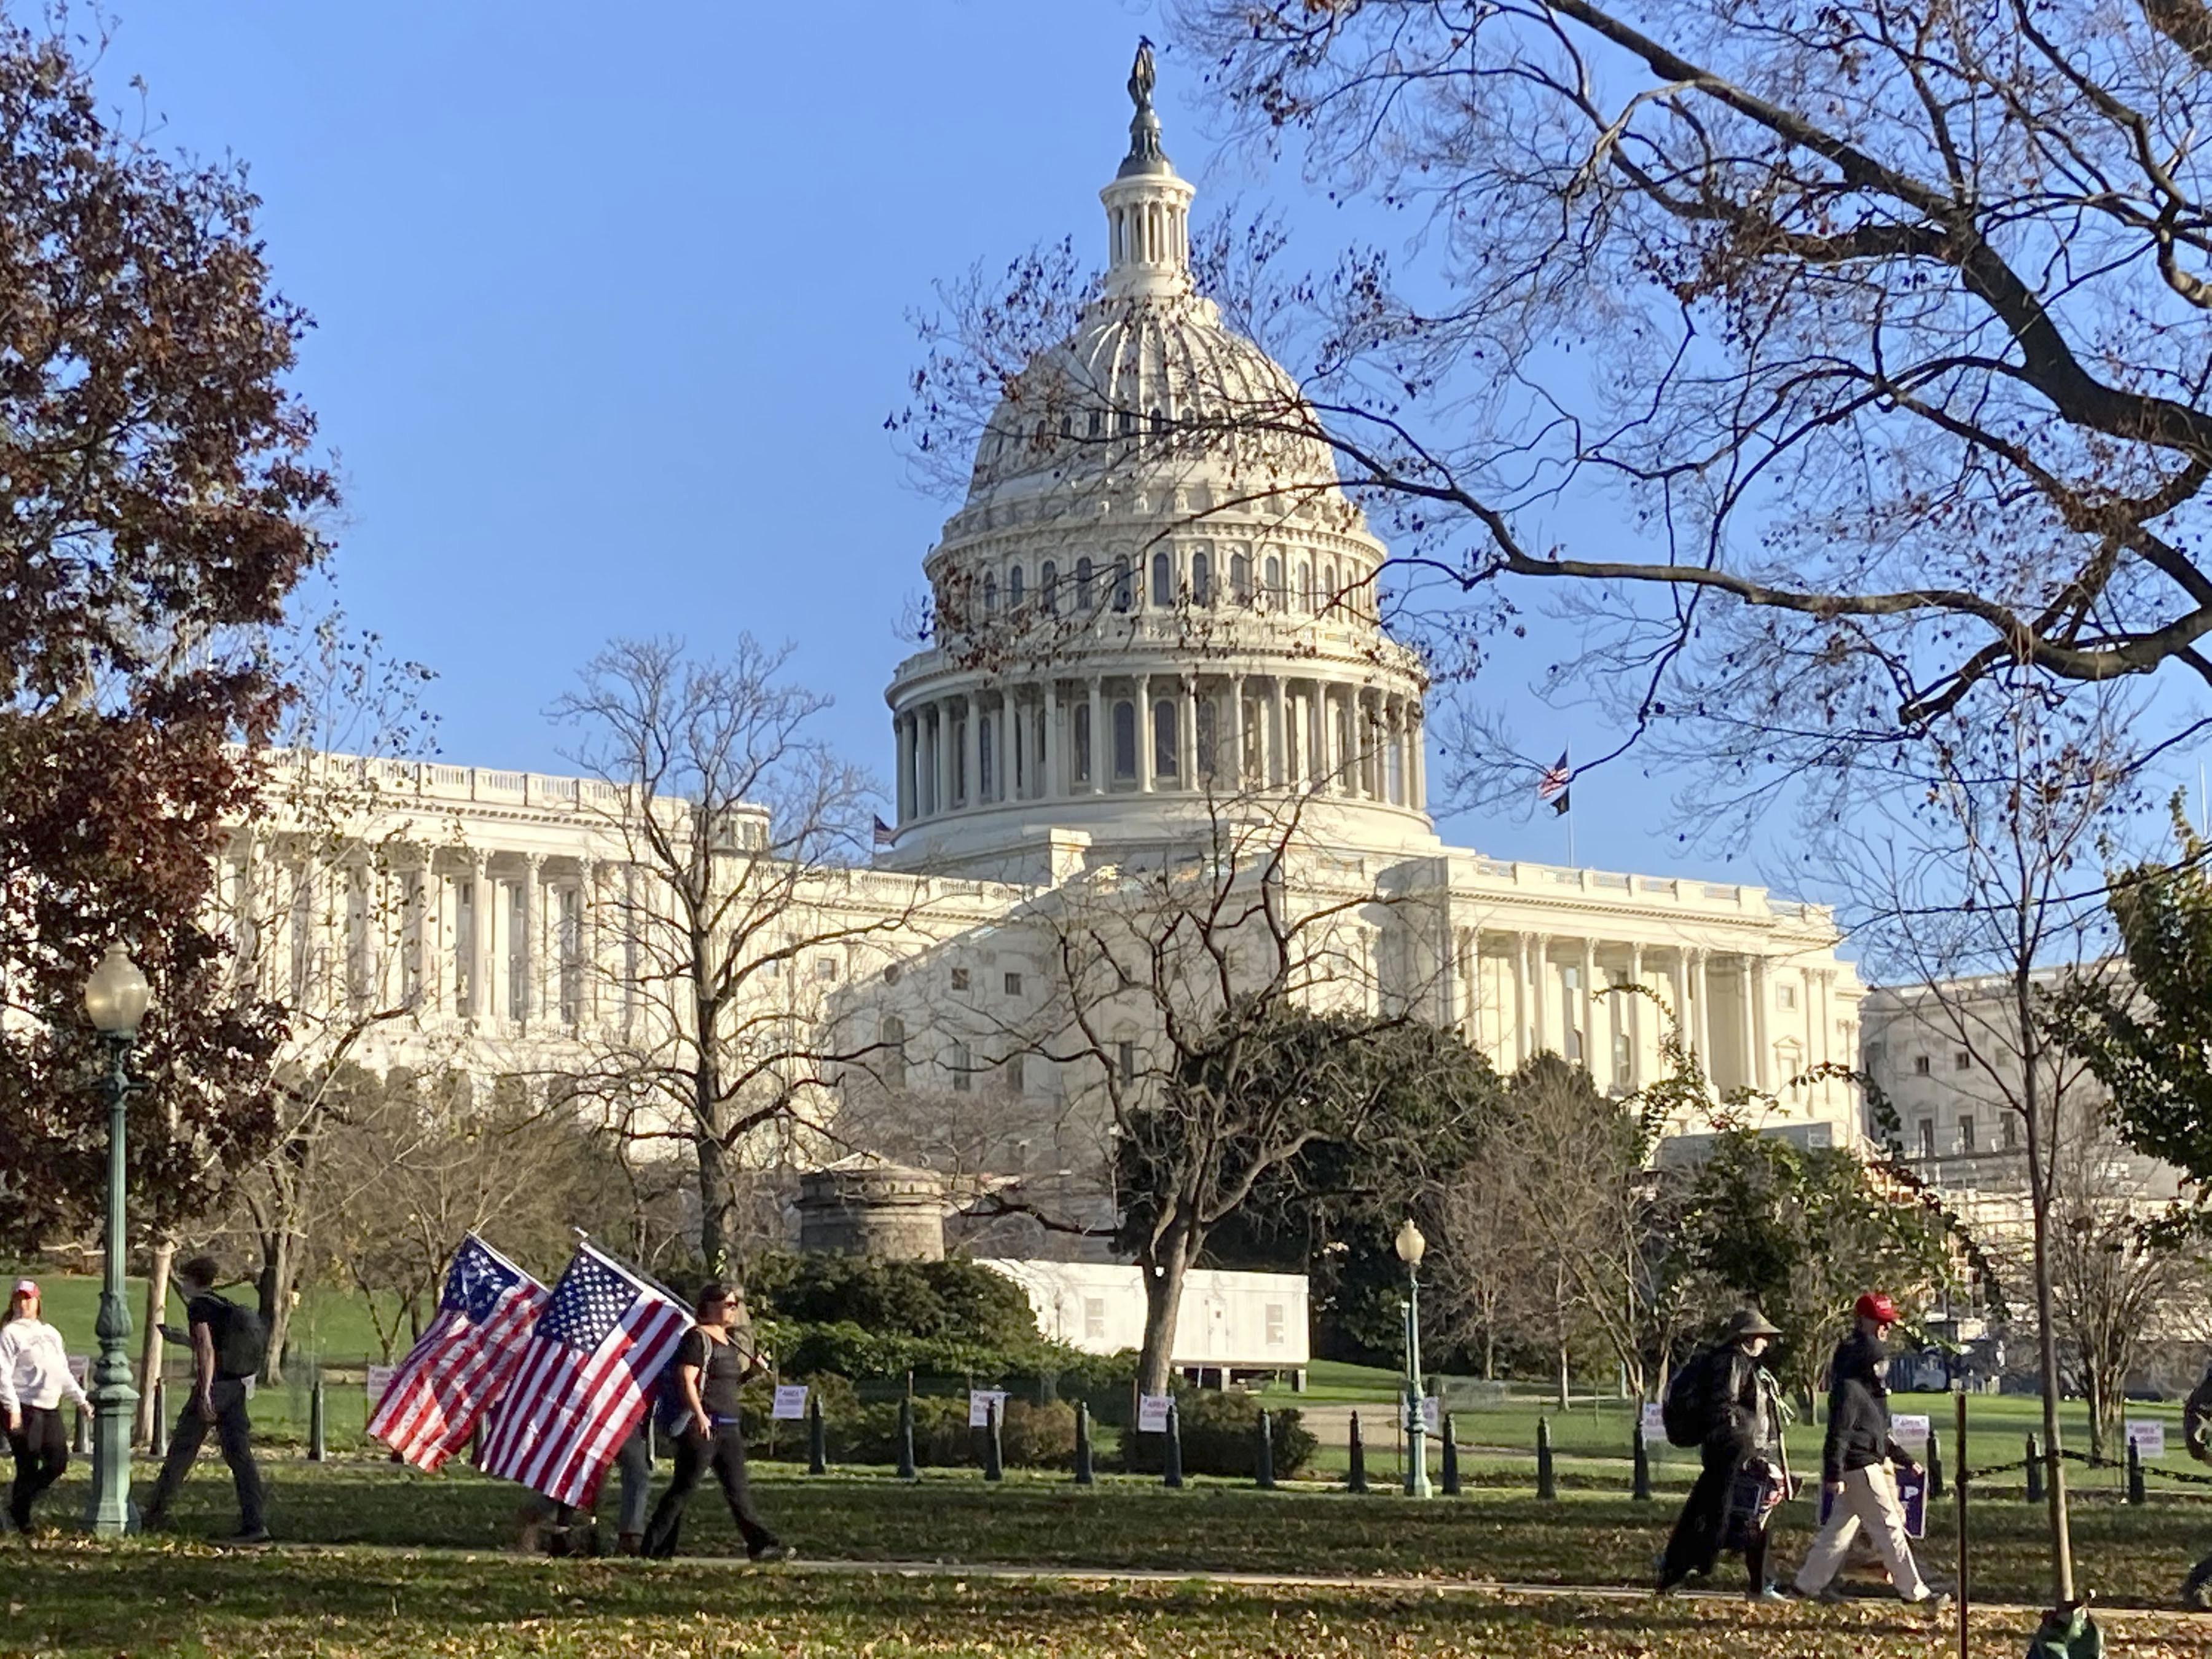 美國,布林肯,拜登,基礎建設法案,美國國會,中國,俄羅斯,共和黨,民主黨,國力